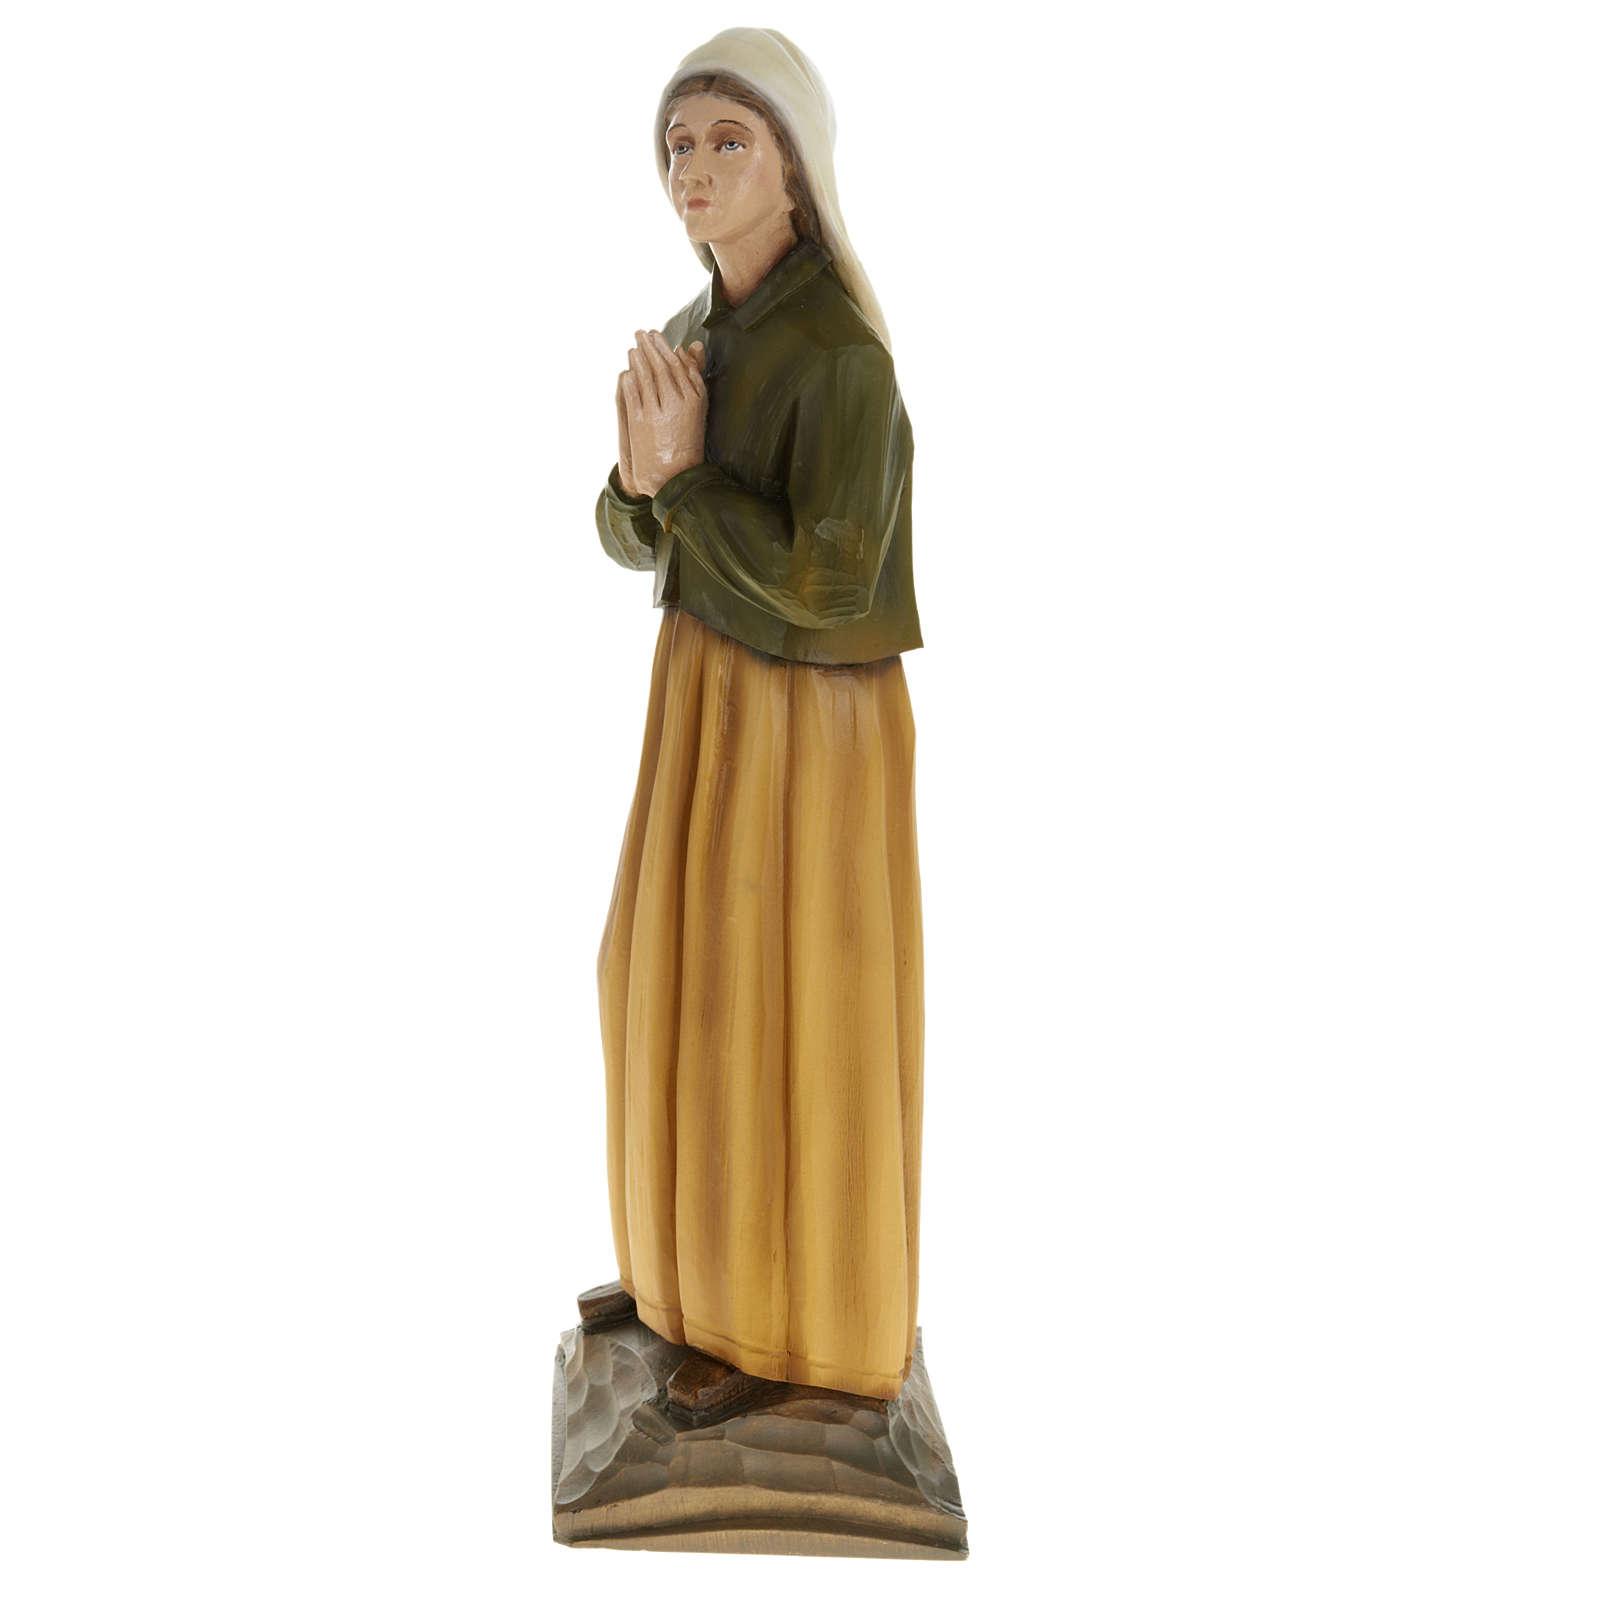 Seherkinder Von Fatima